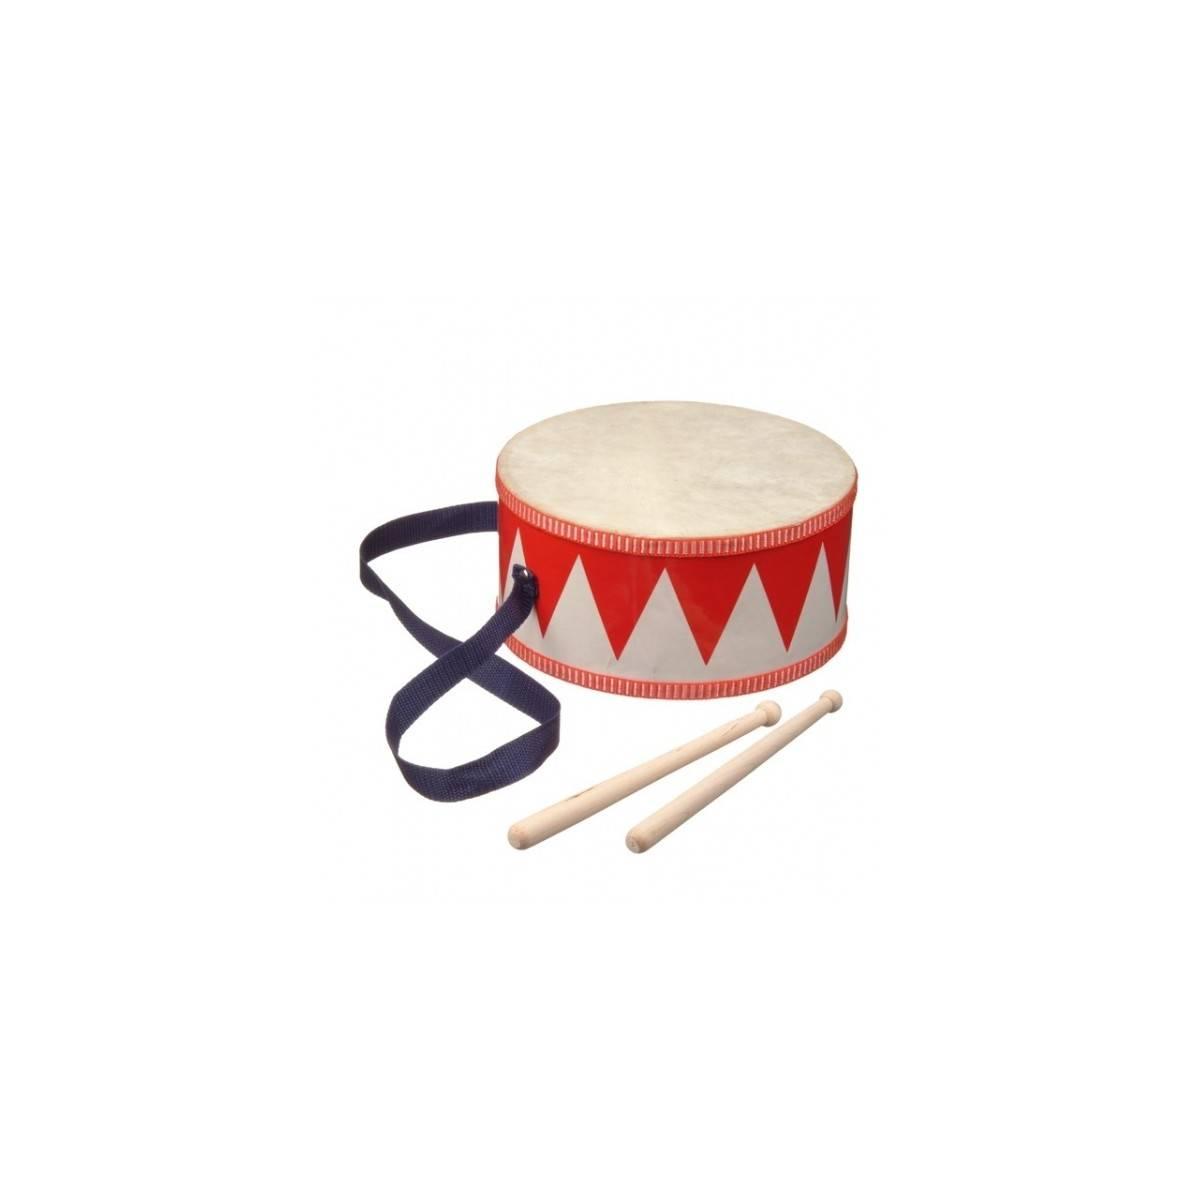 Tambour de fanfare en jouet bicolore